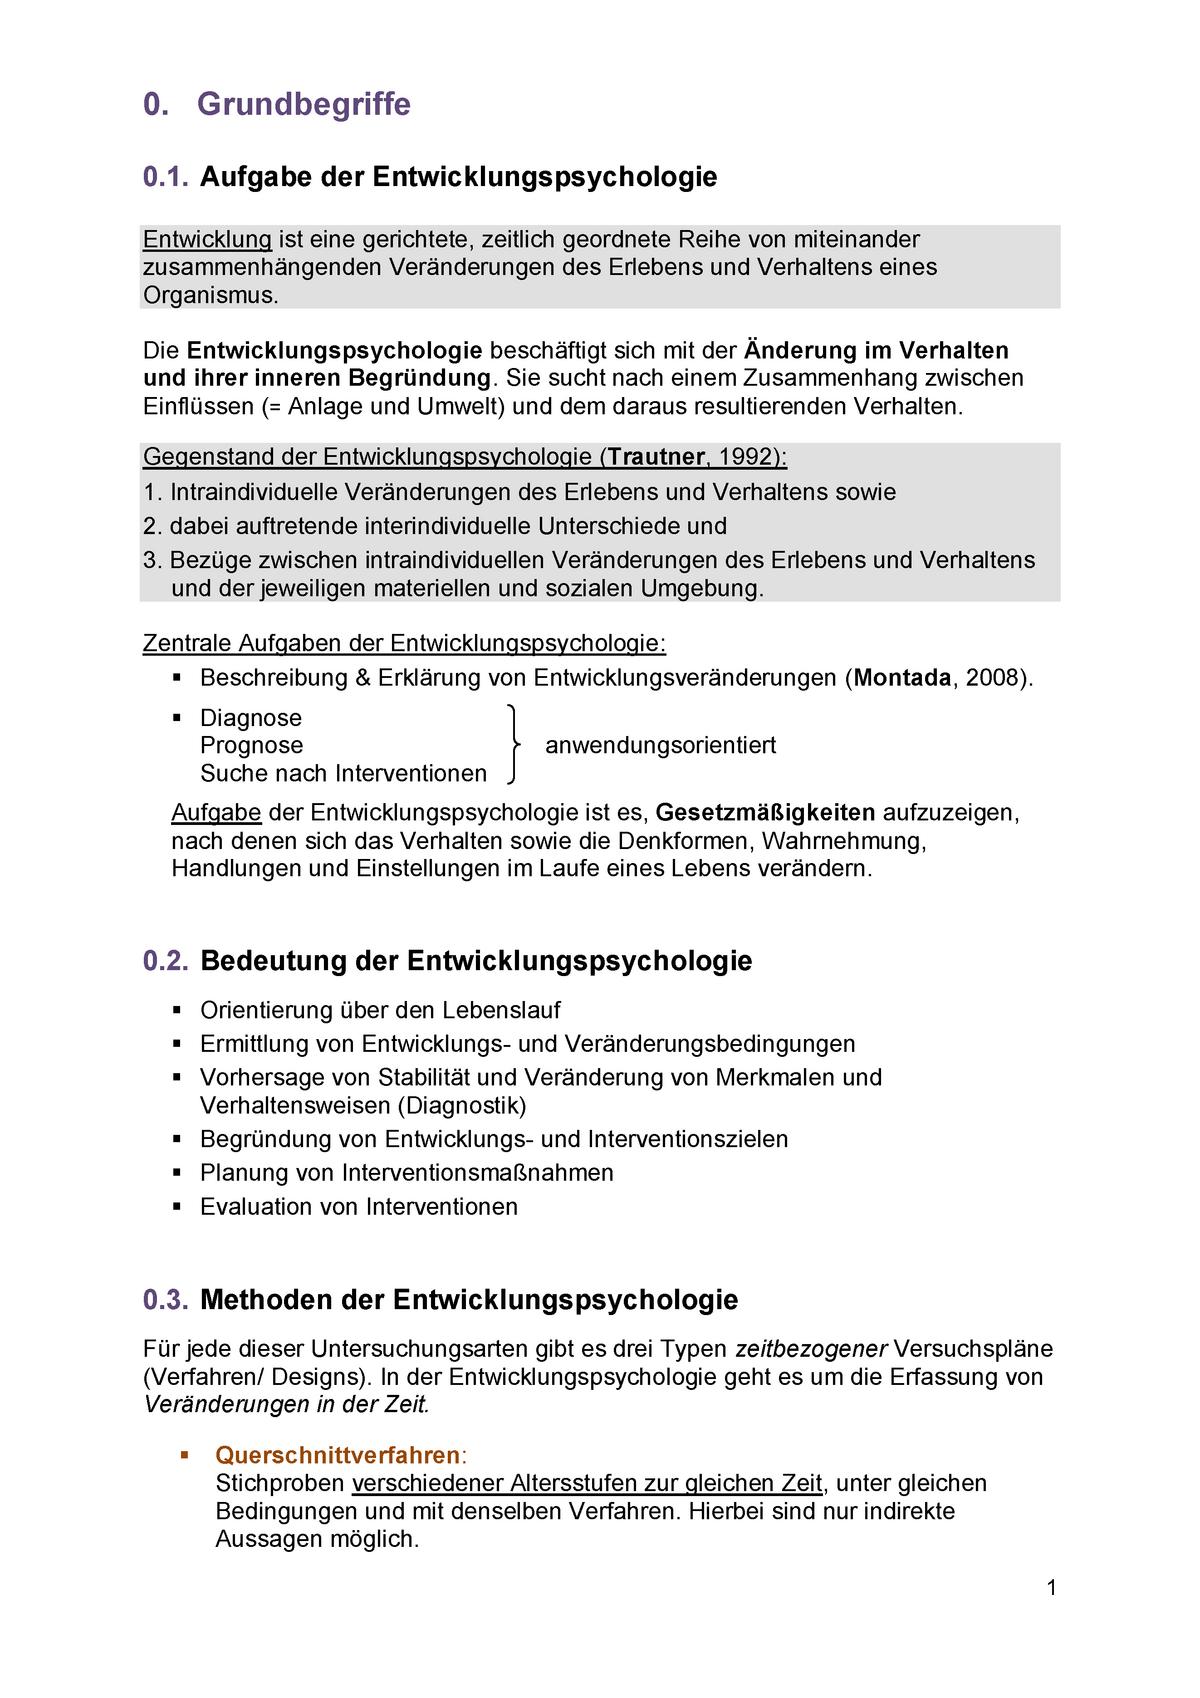 Entwicklungspsychologie - Pädagogische Psychologie 16662 ...